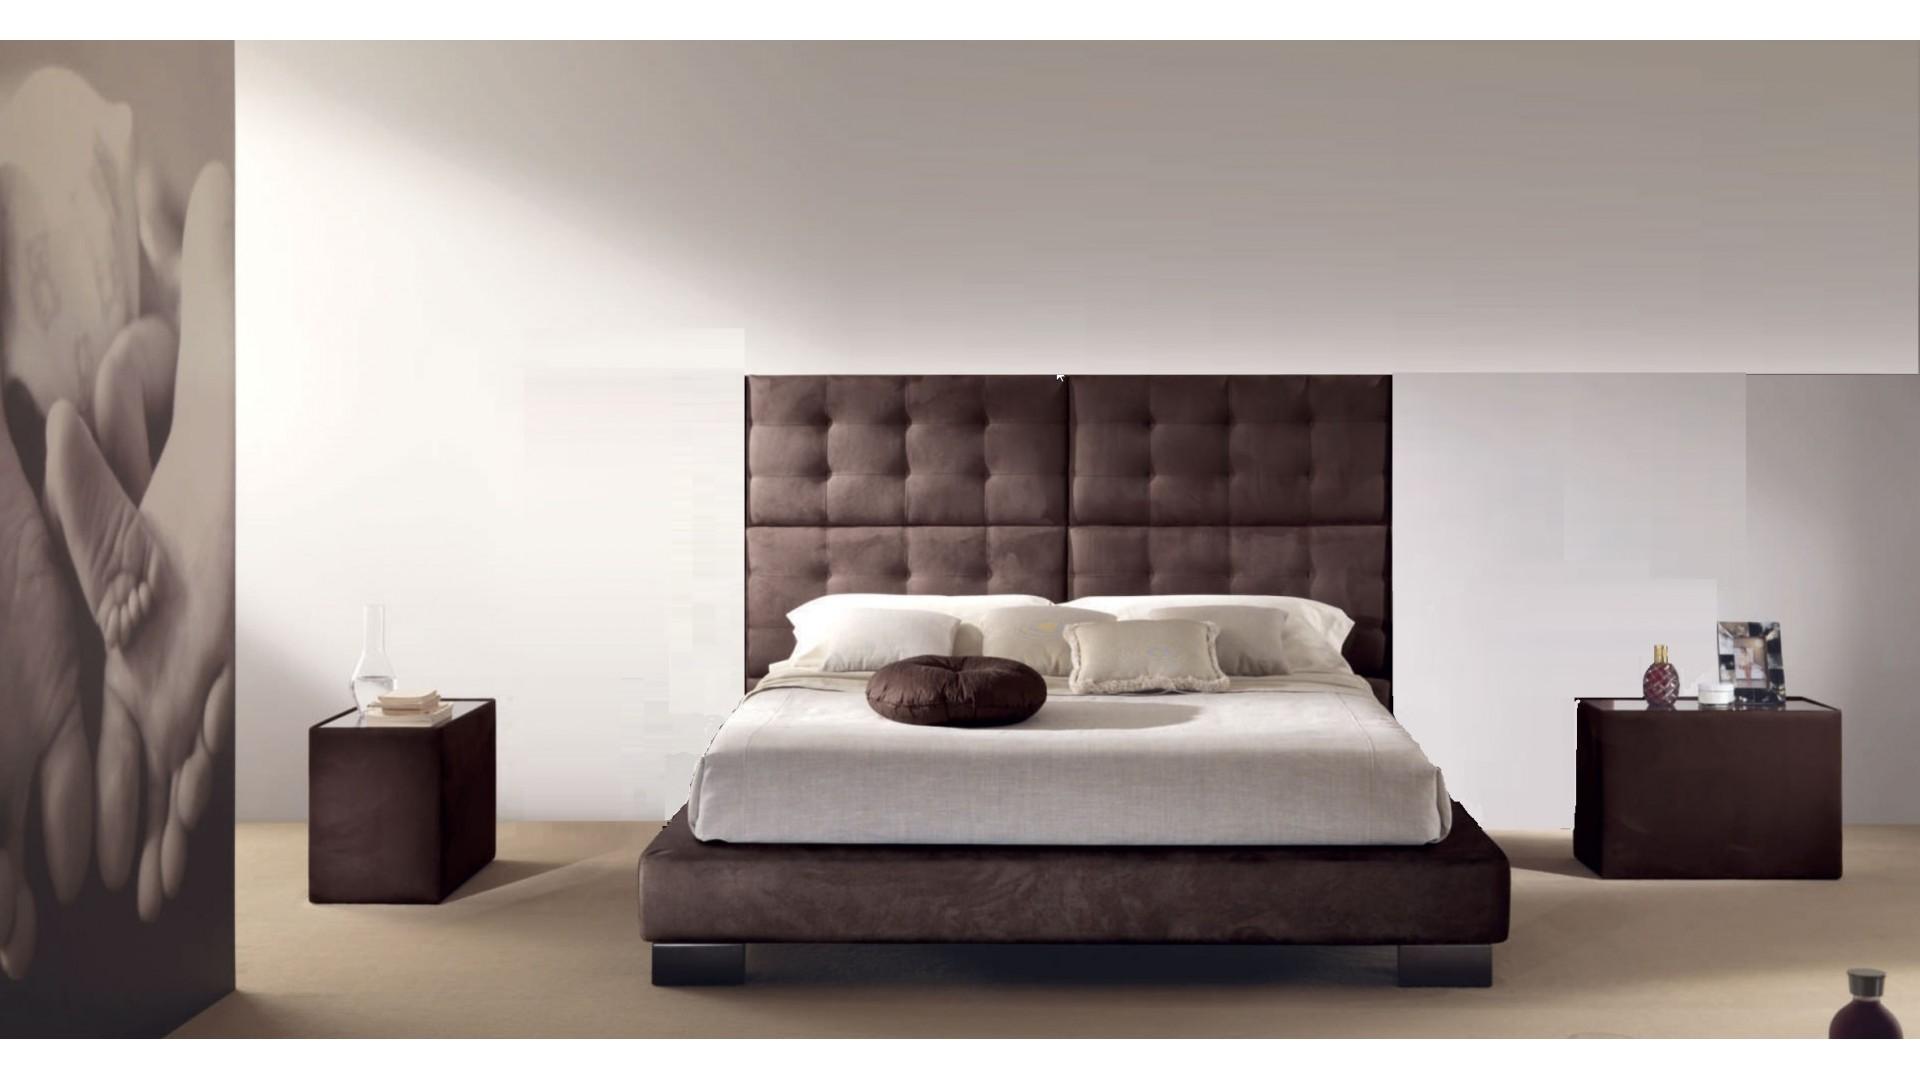 Lit double chambre à coucher Menhir personnalisé pour M. Gougis - PIERMARIA